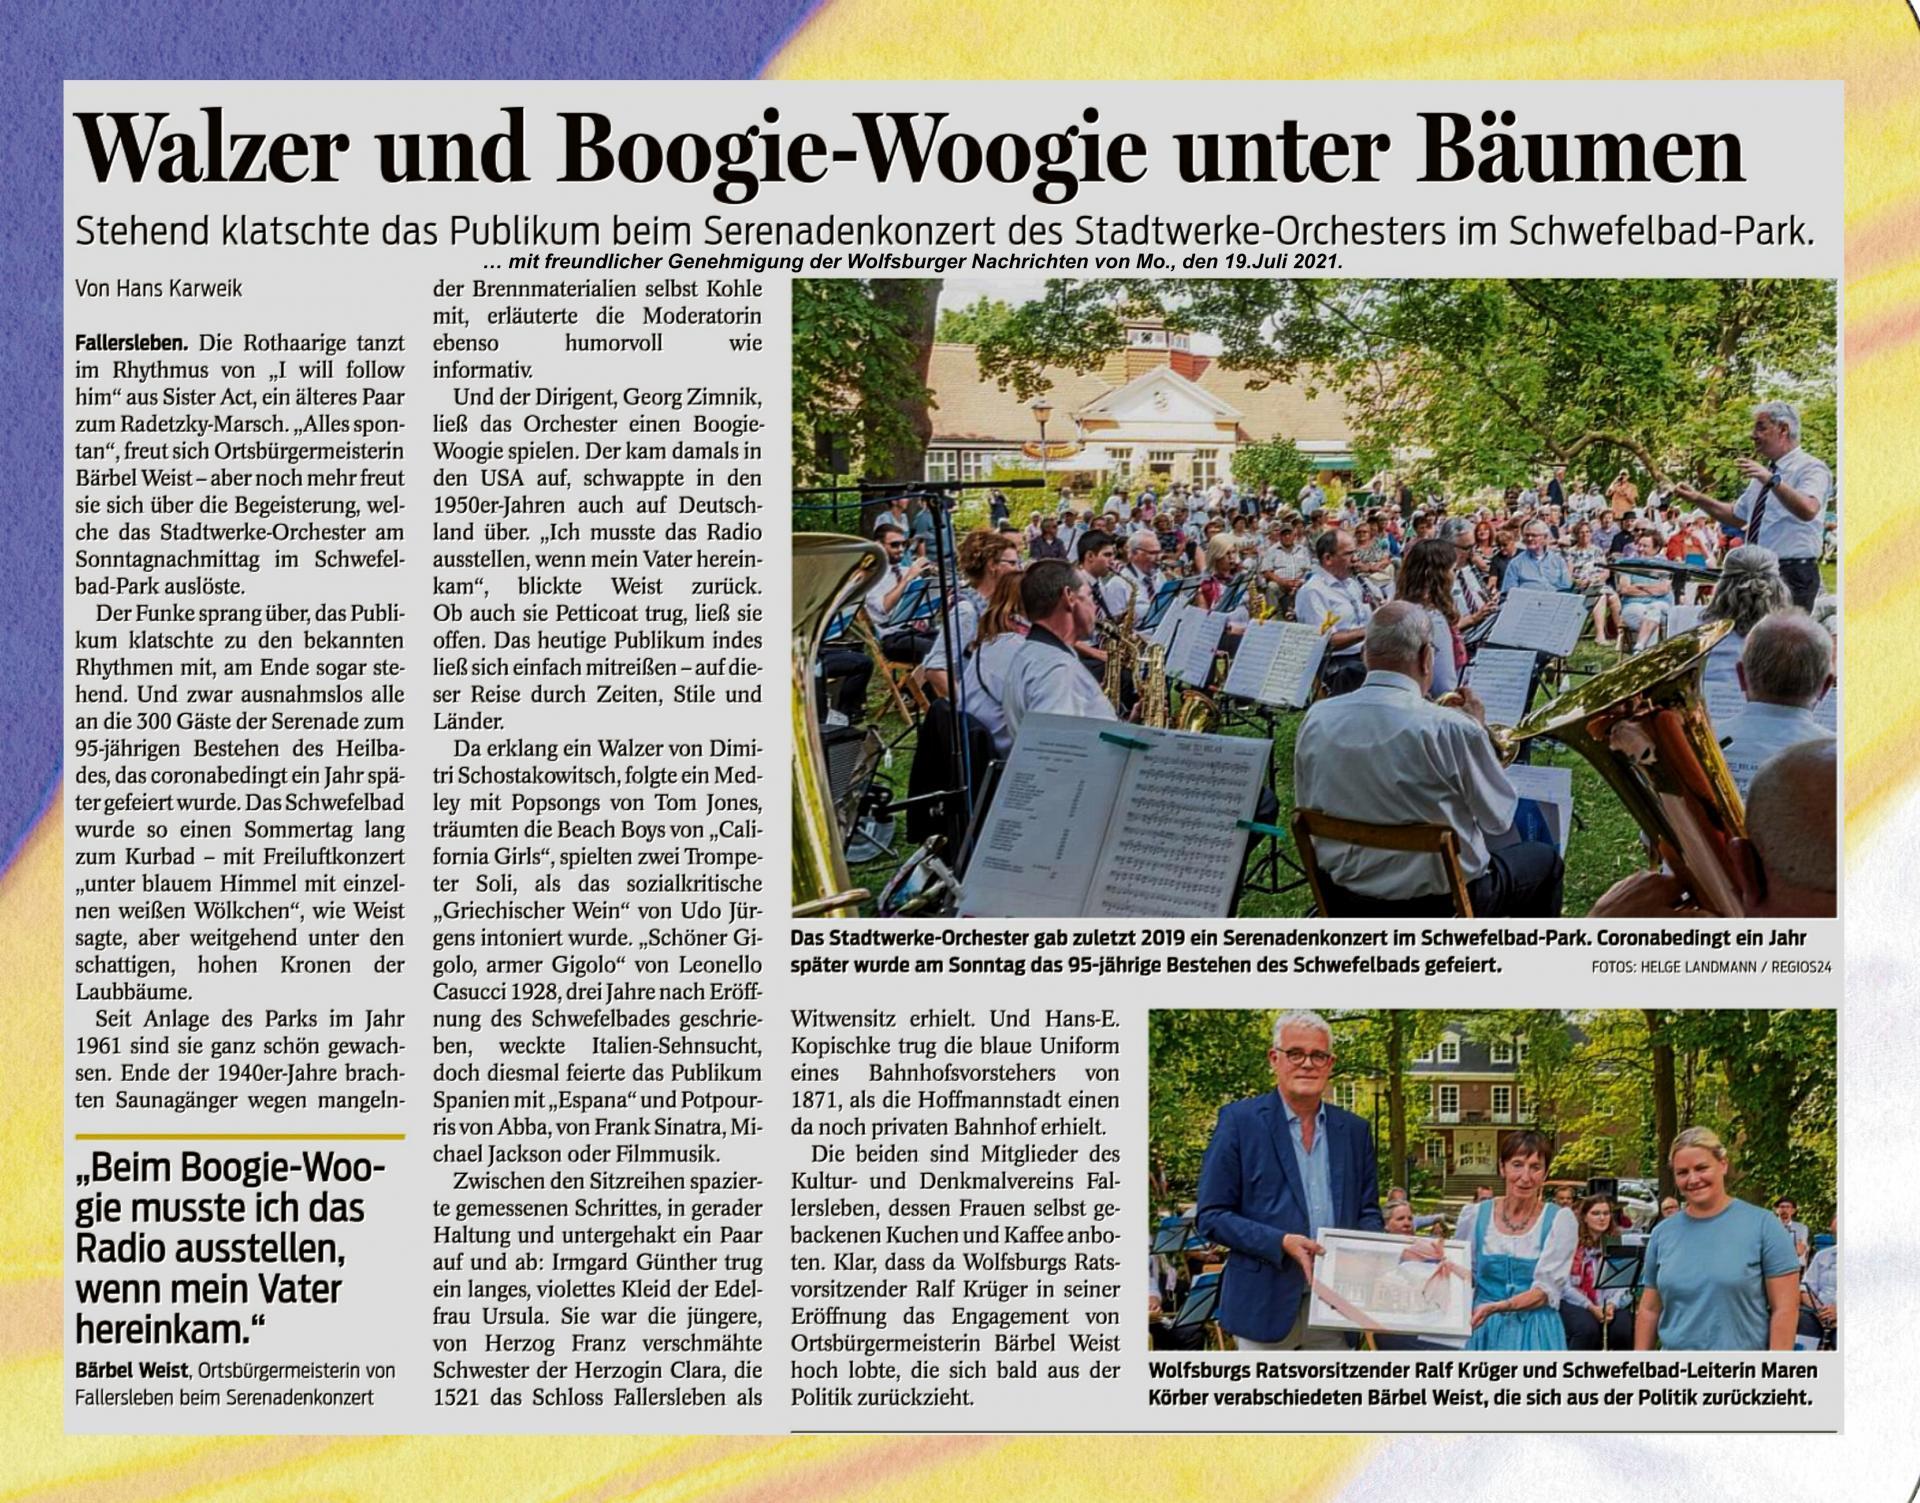 Bericht aus den Wolfsburger Nachrichten zum Serenadenkonzert 2021